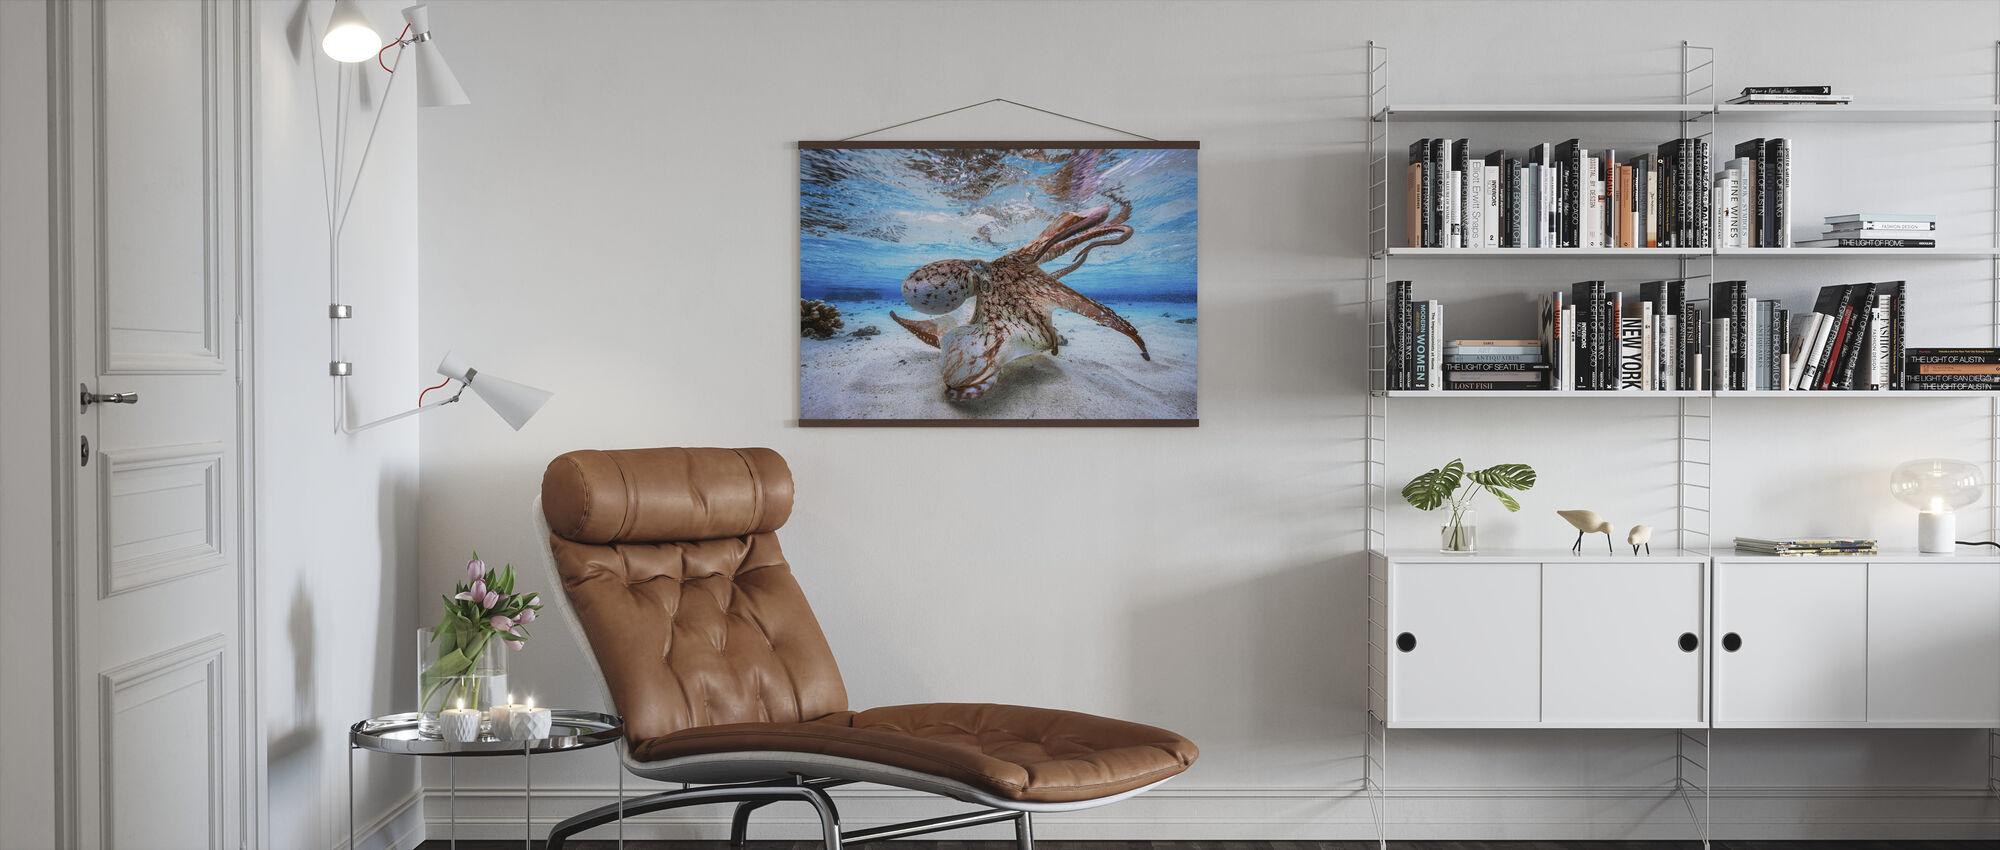 Dancing Octopus - Poster - Living Room